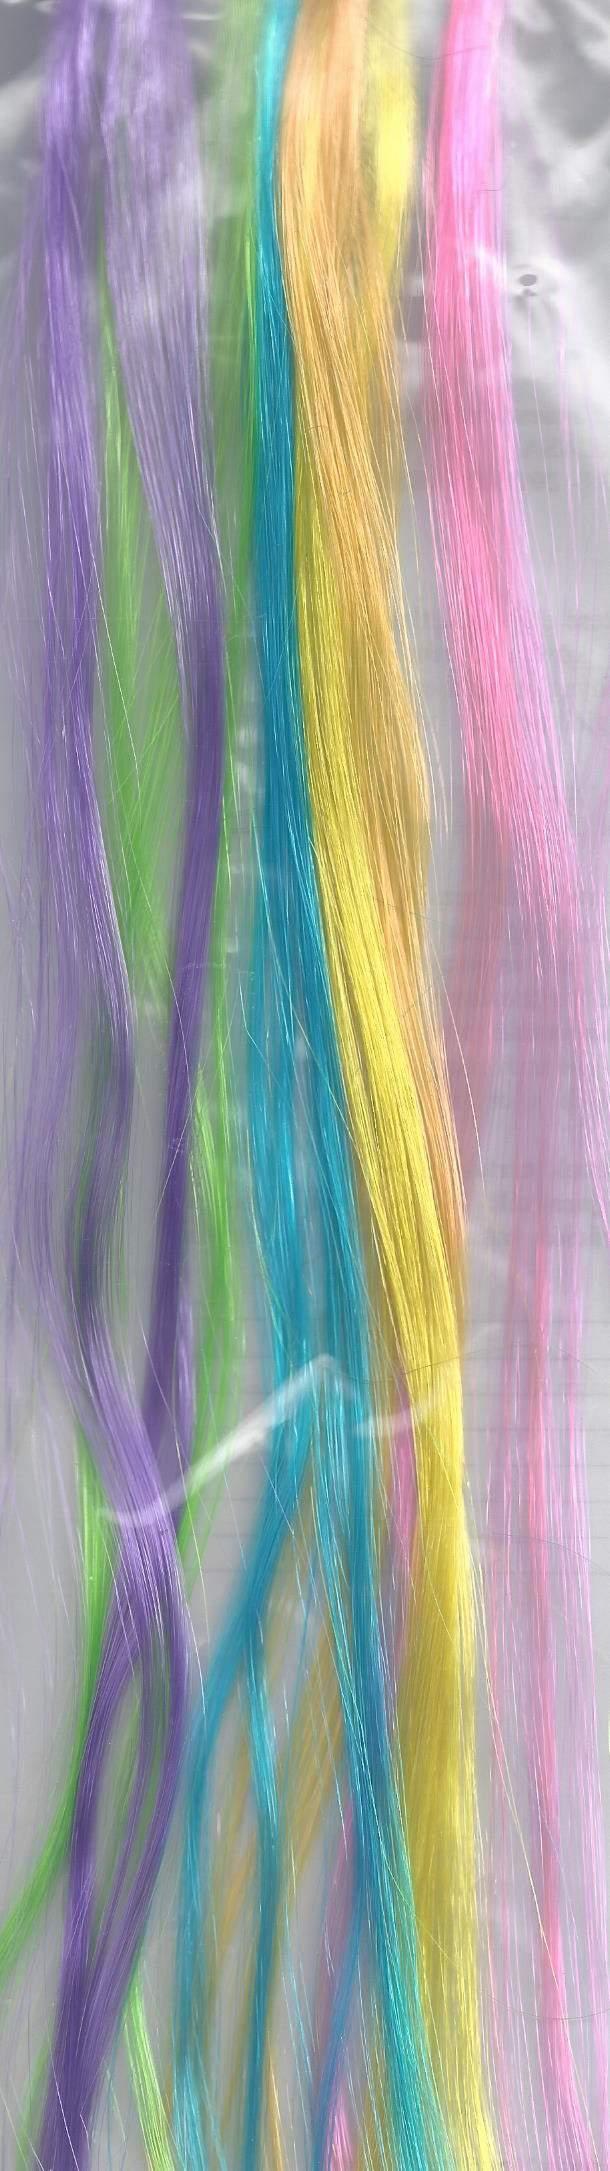 hajdísz - csatos, színes hajtincs fesztiválkellék